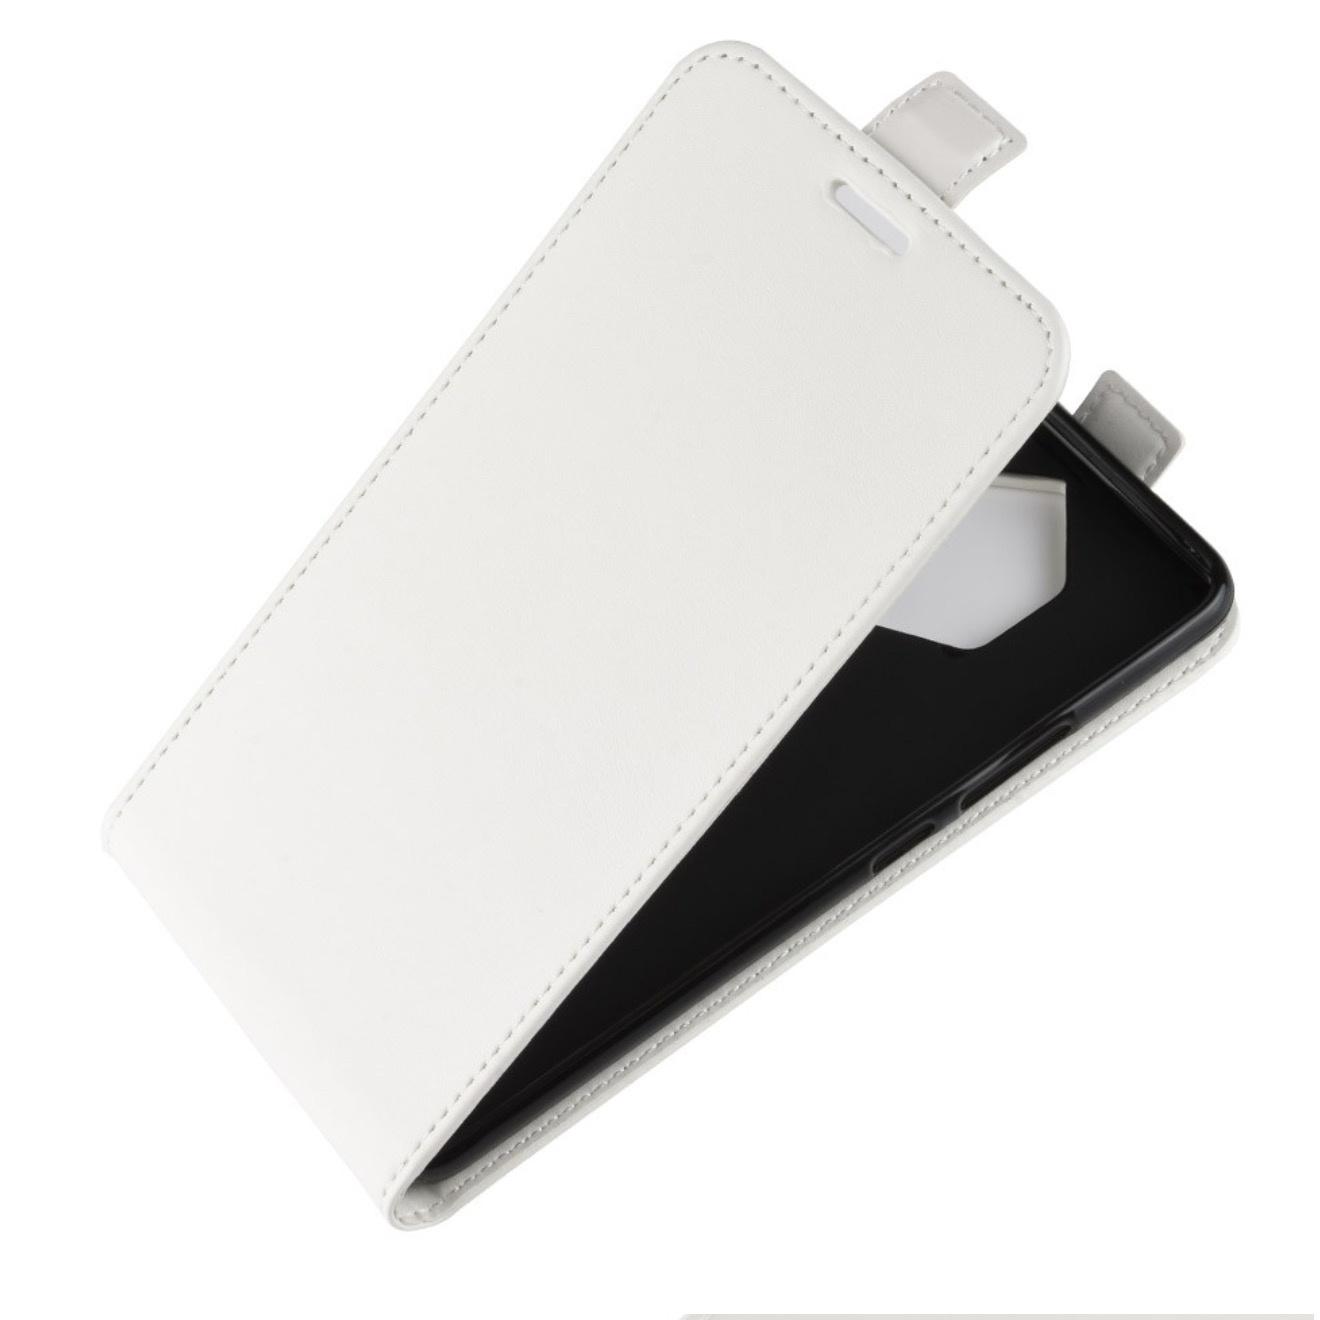 Фото - Чехол-флип MyPads для Huawei Ascend Mate 7/7 Premium вертикальный откидной белый mooncase желе цвет силиконовый гель тпу тонкий с подставкой обложка чехол для huawei ascend mate 7 фиолетовый